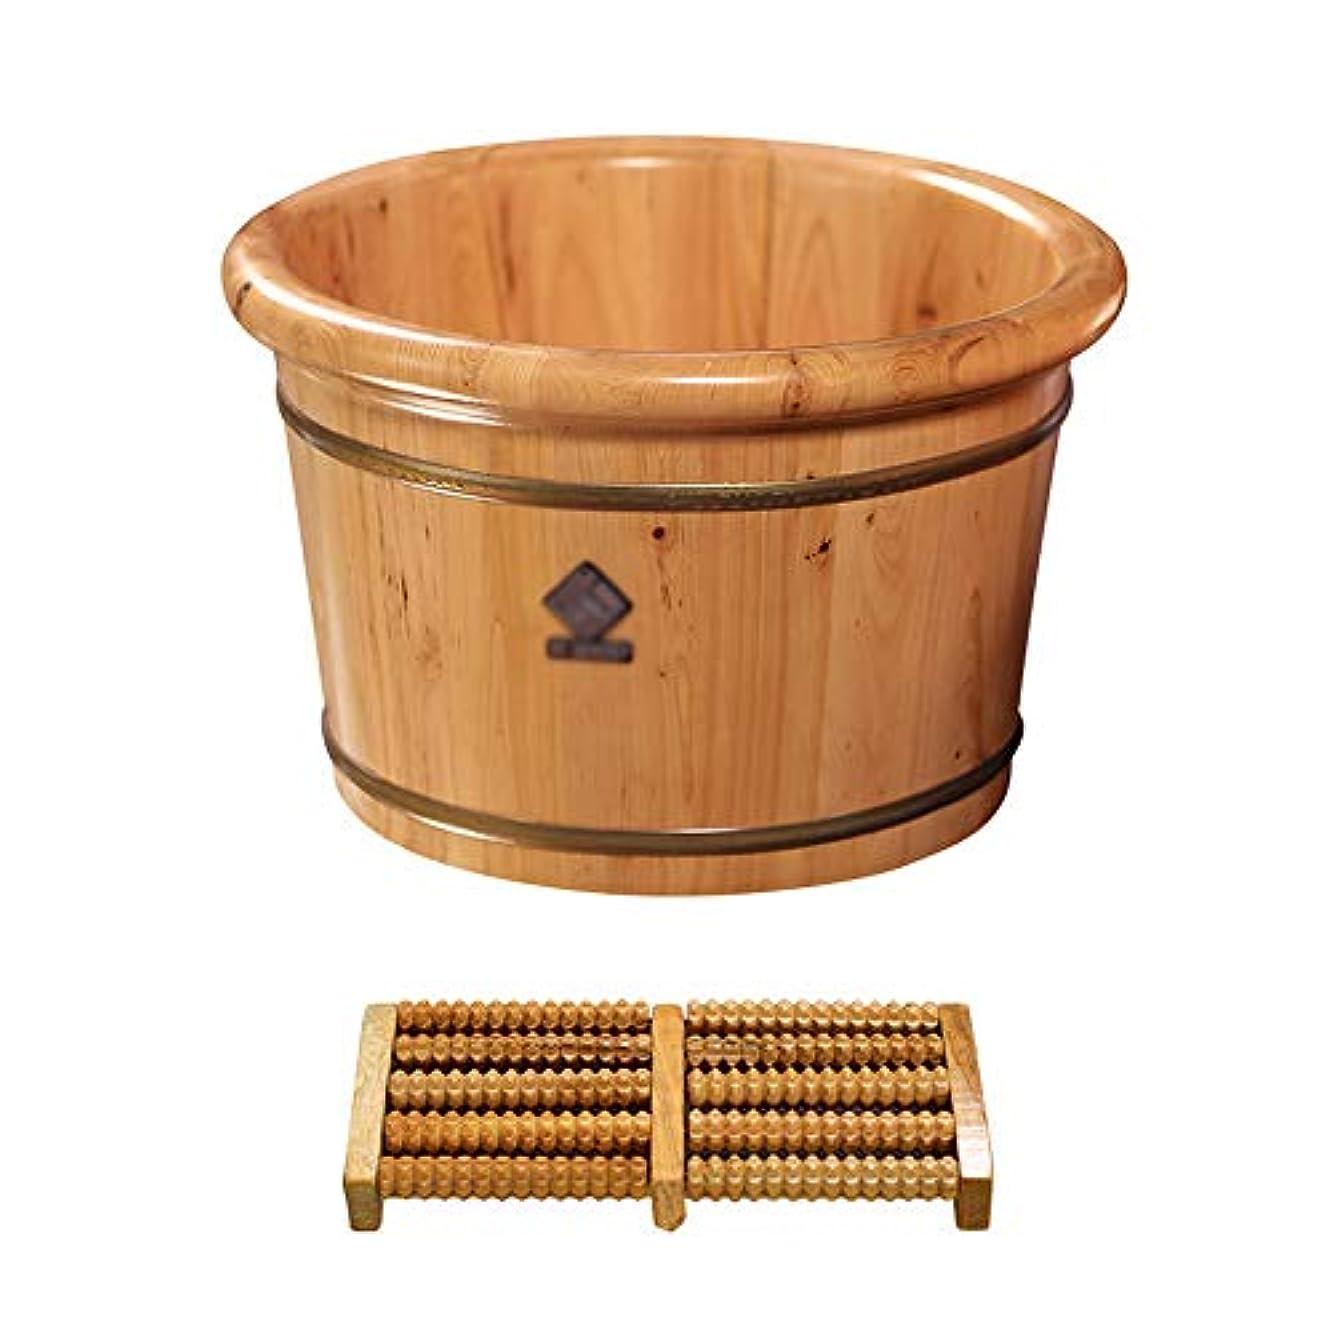 プレゼンター単調な熱心ヒマラヤスギ足浴バレル、厚くした足浴バレル、家庭用足浴、小さな浴槽、木製足浴バレル,E